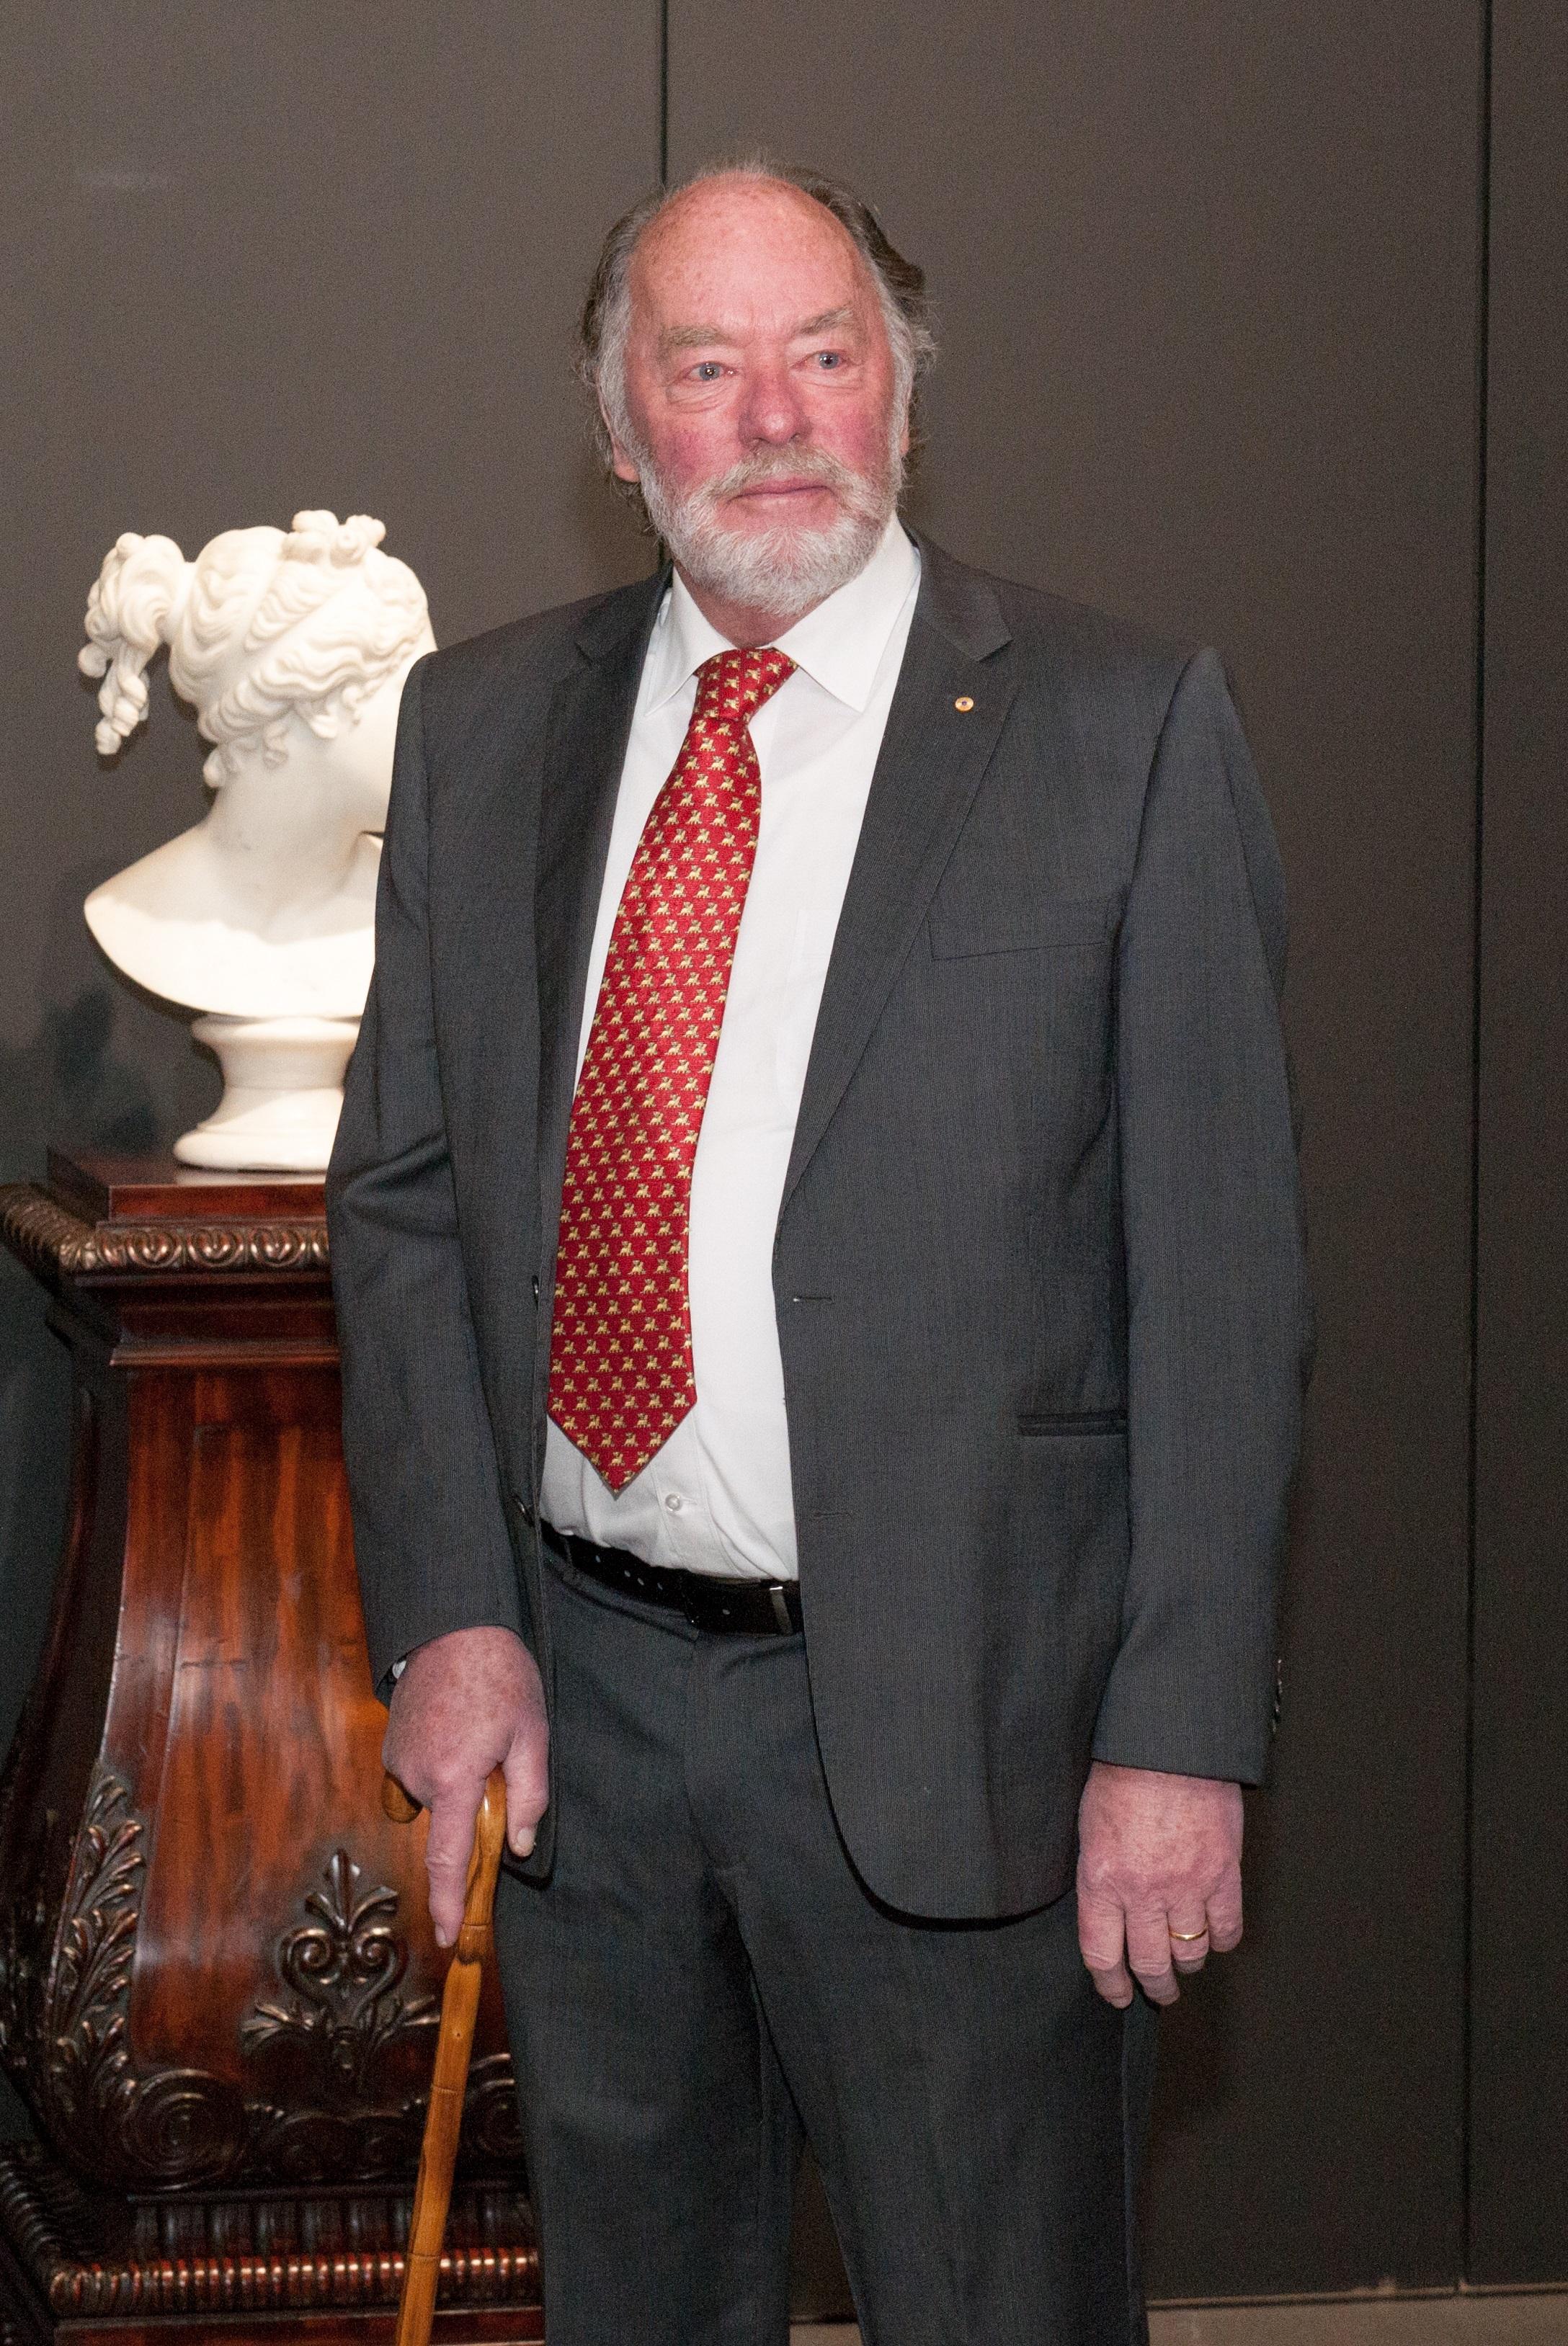 Robert (asst. dir.) with frame